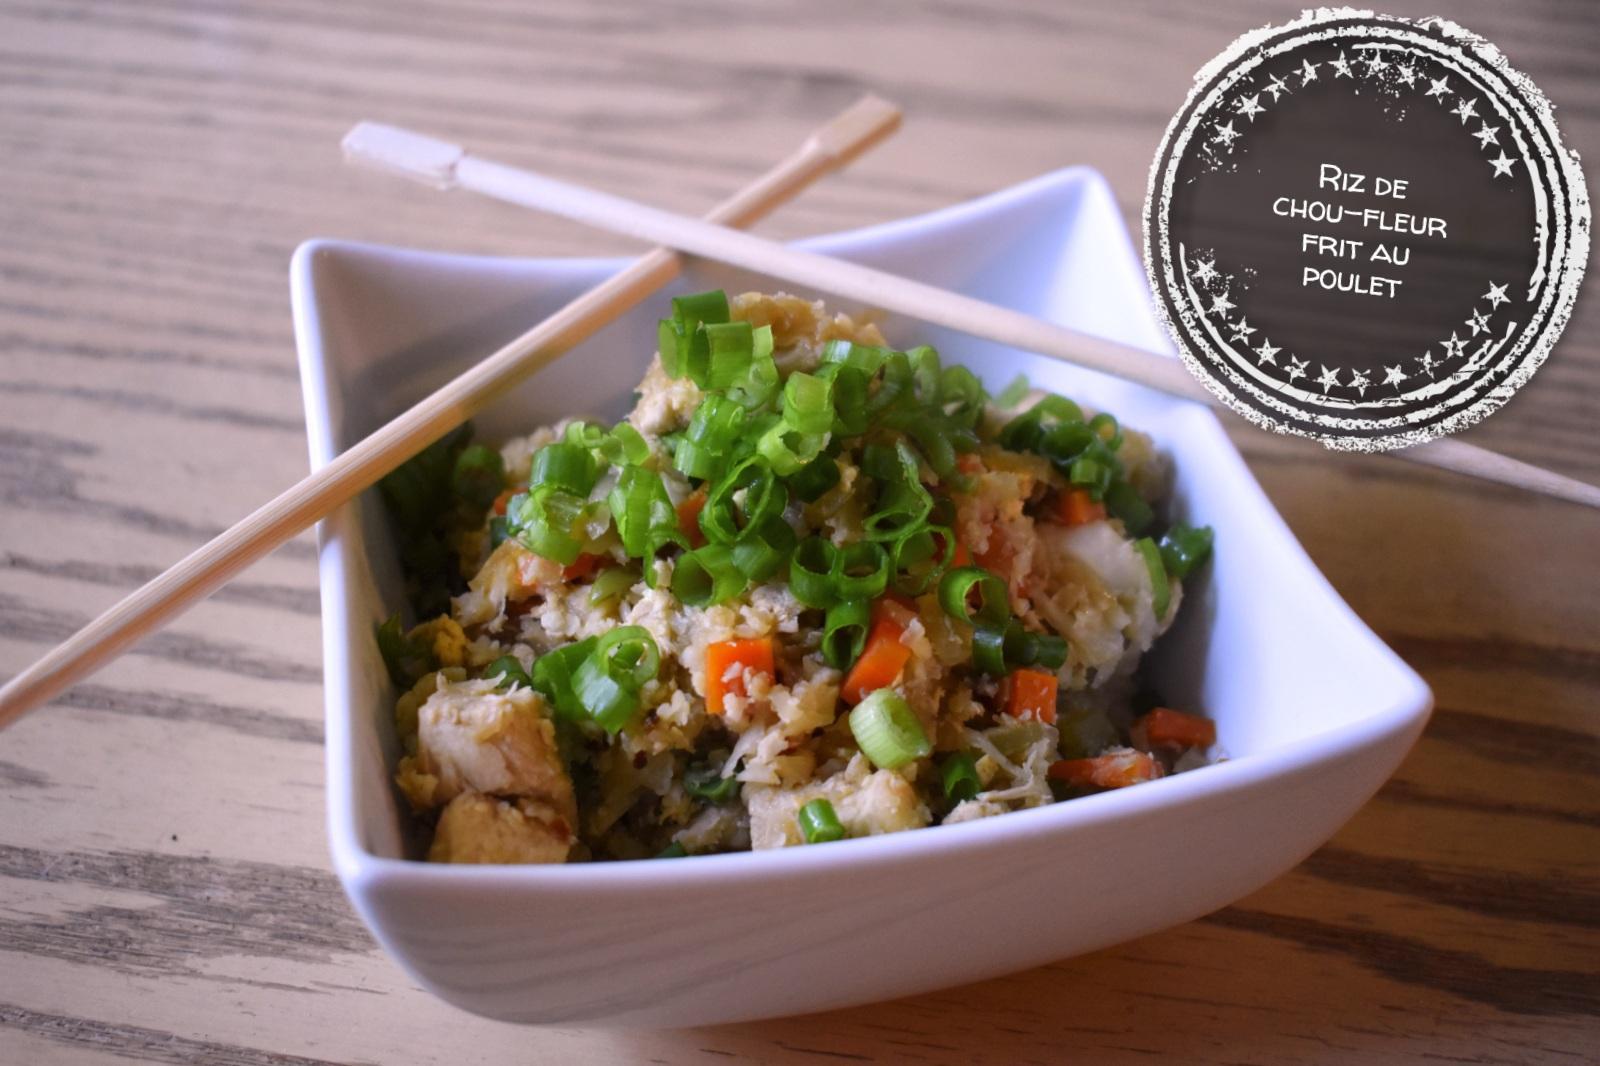 Riz de chou-fleur frit au poulet - Auboutdelalangue.com (9)